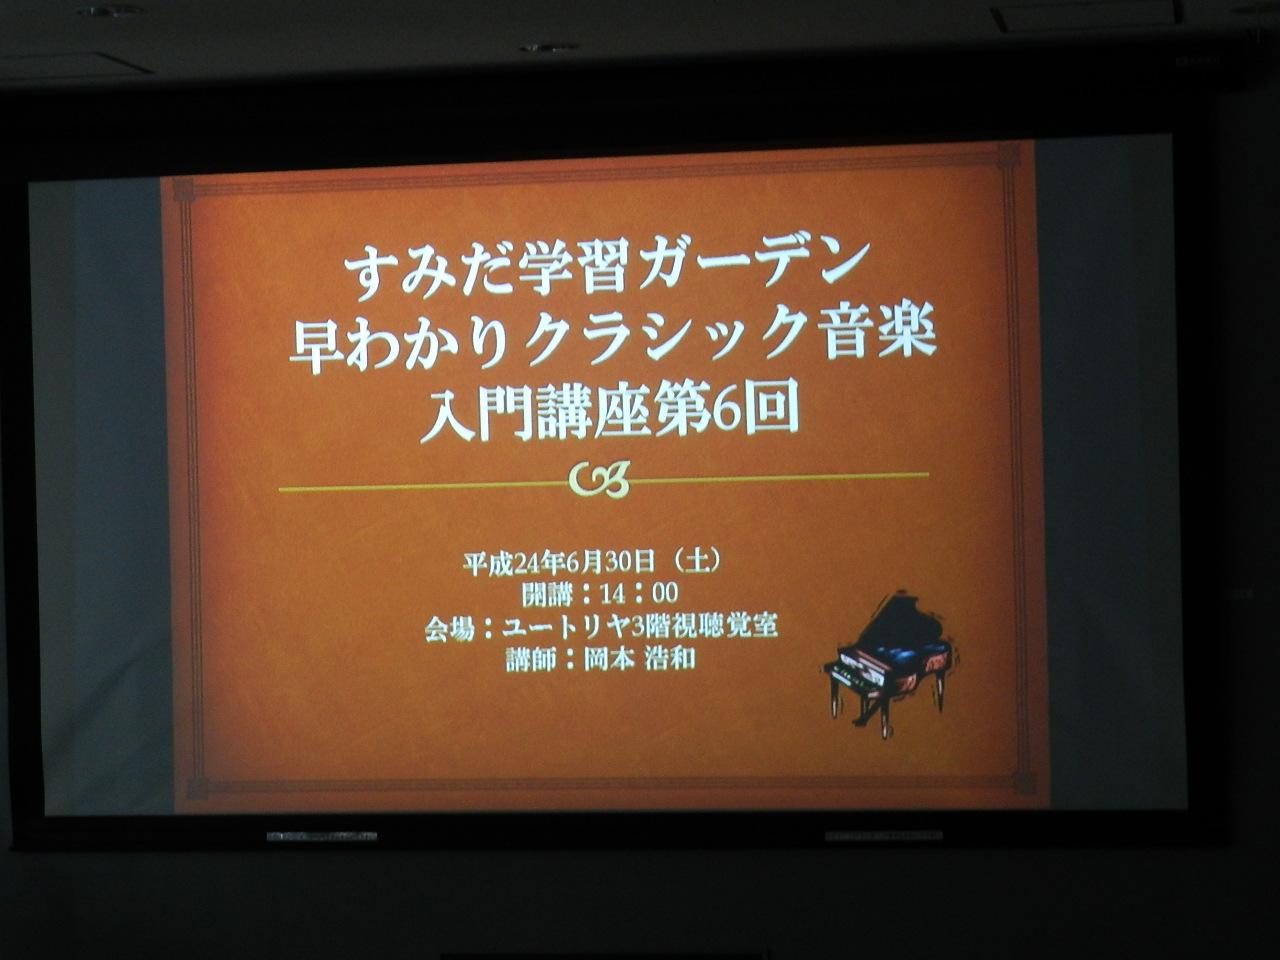 さくらカレッジ2012年4月講座 2012/6/30(Sat) | 岡本浩和の「早わかり ...